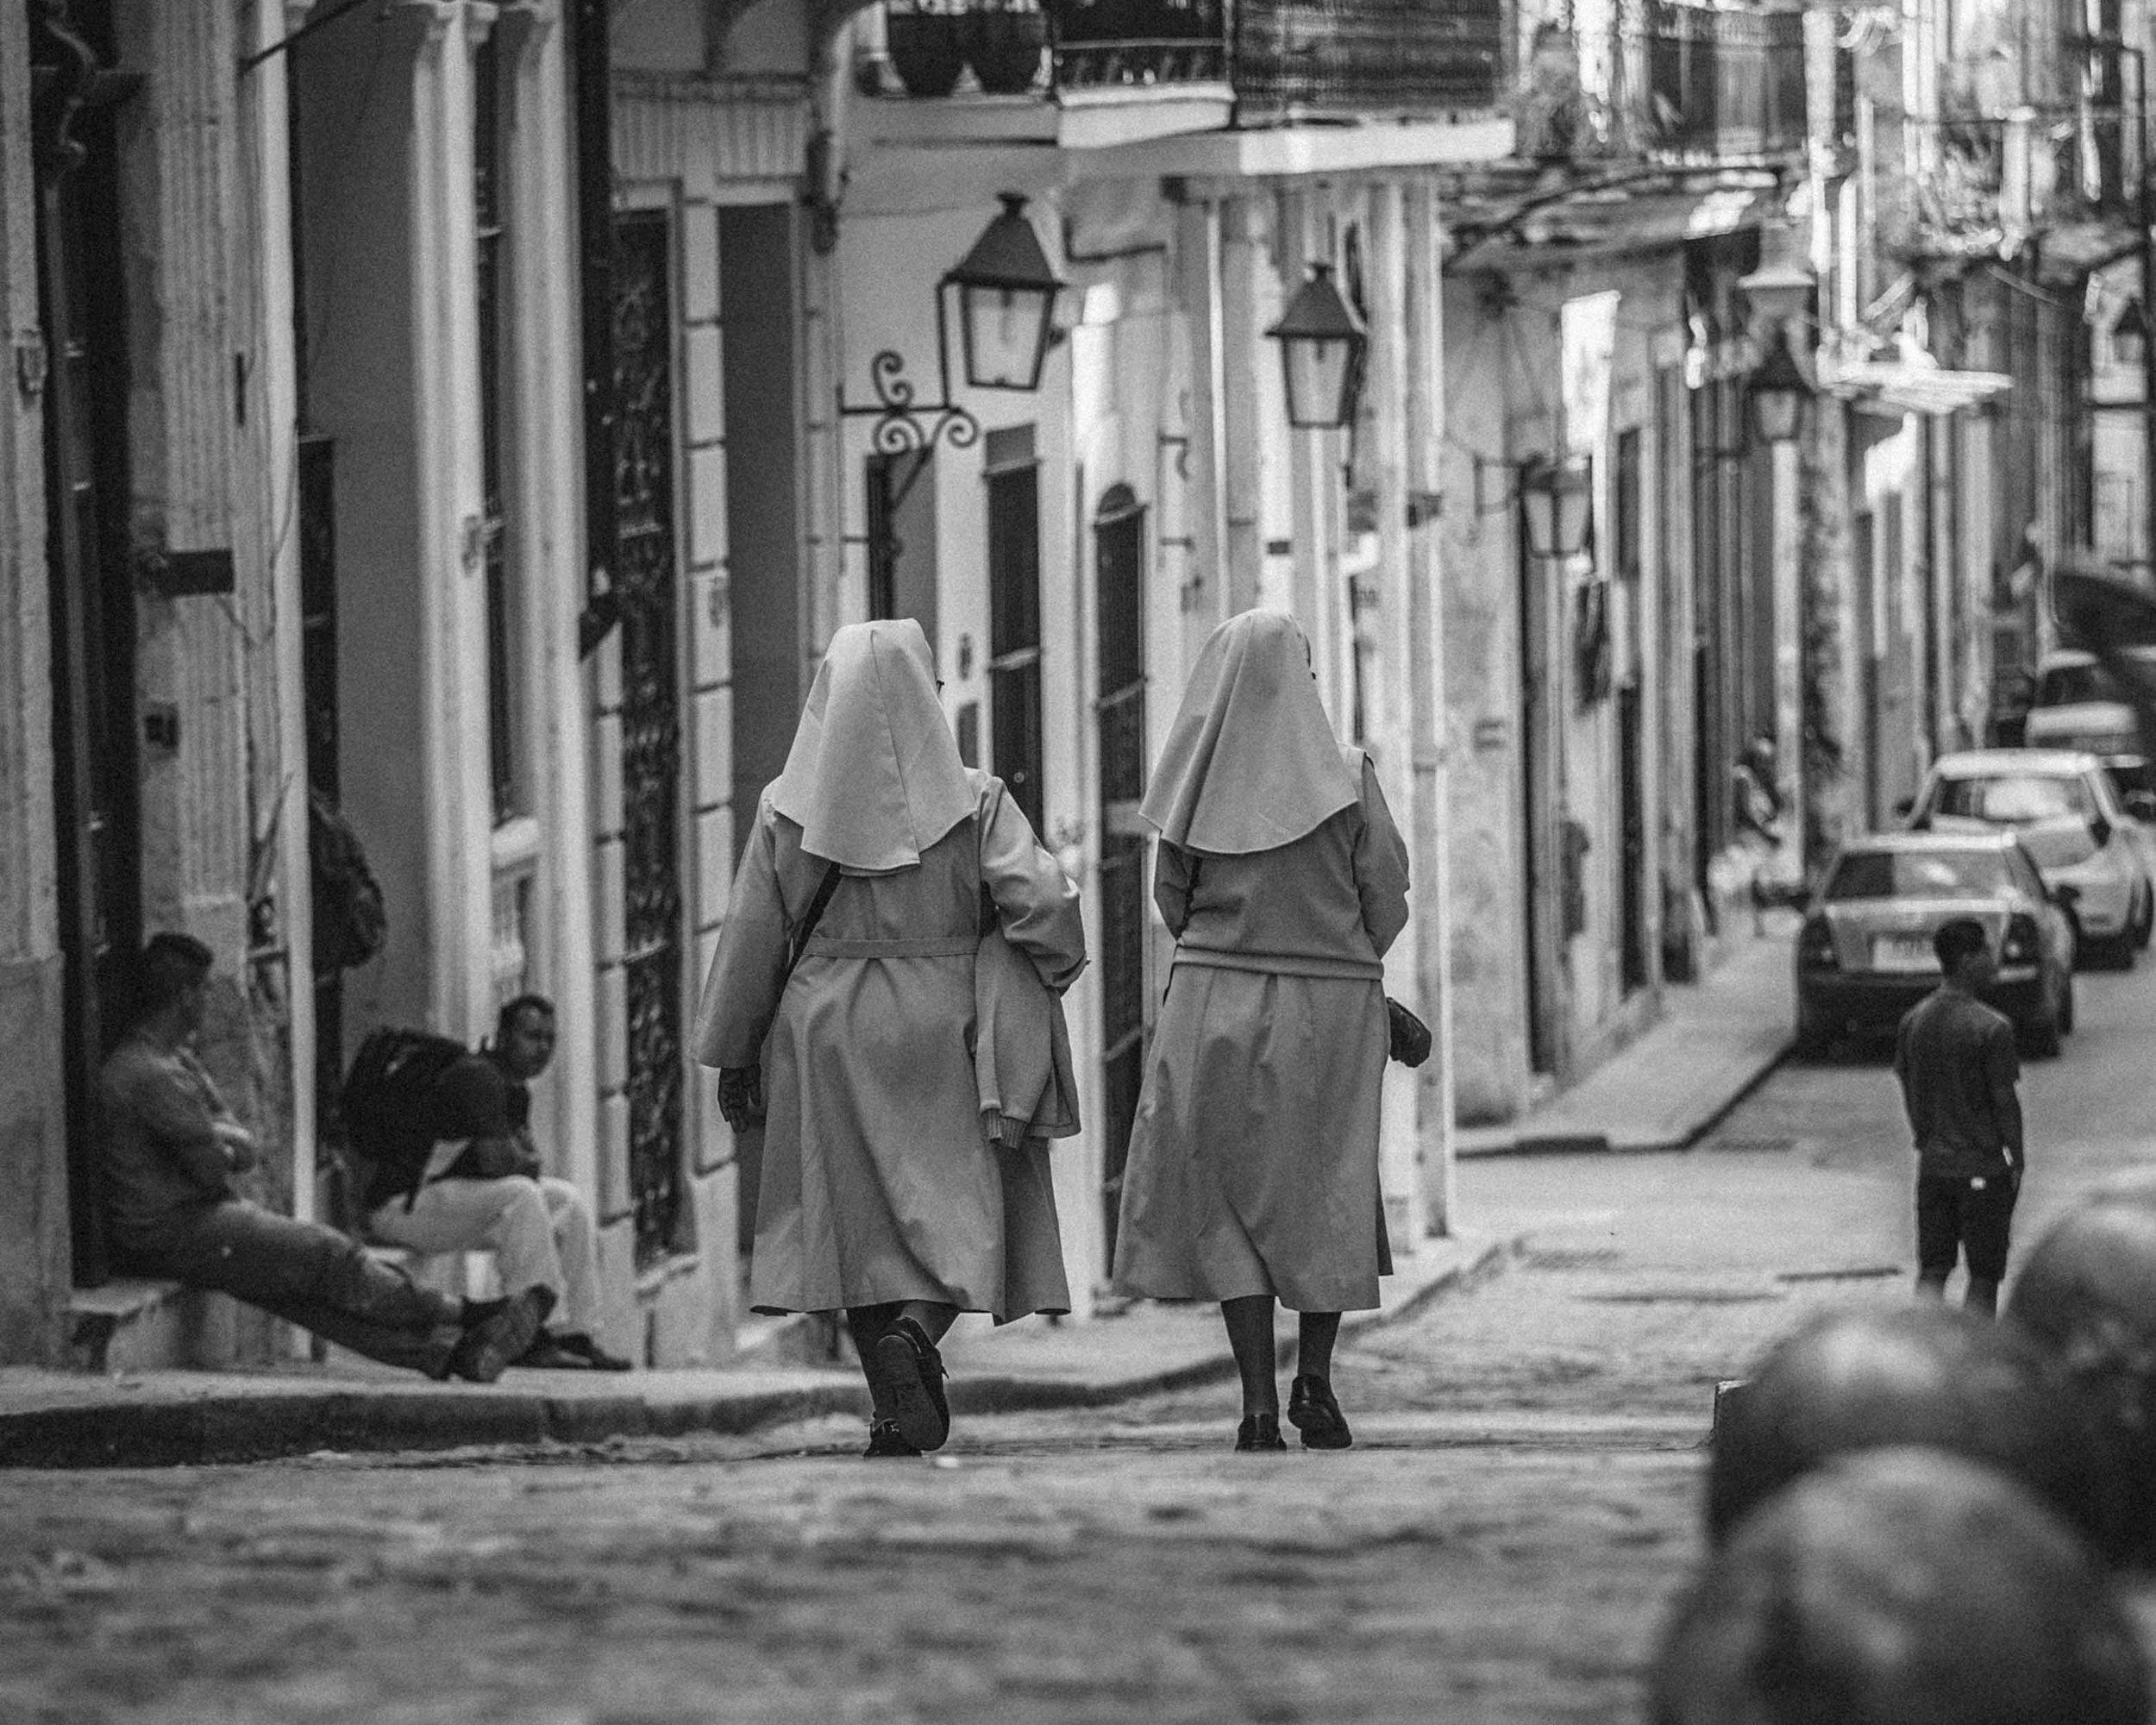 Cuba-davidbraud-0775.jpg